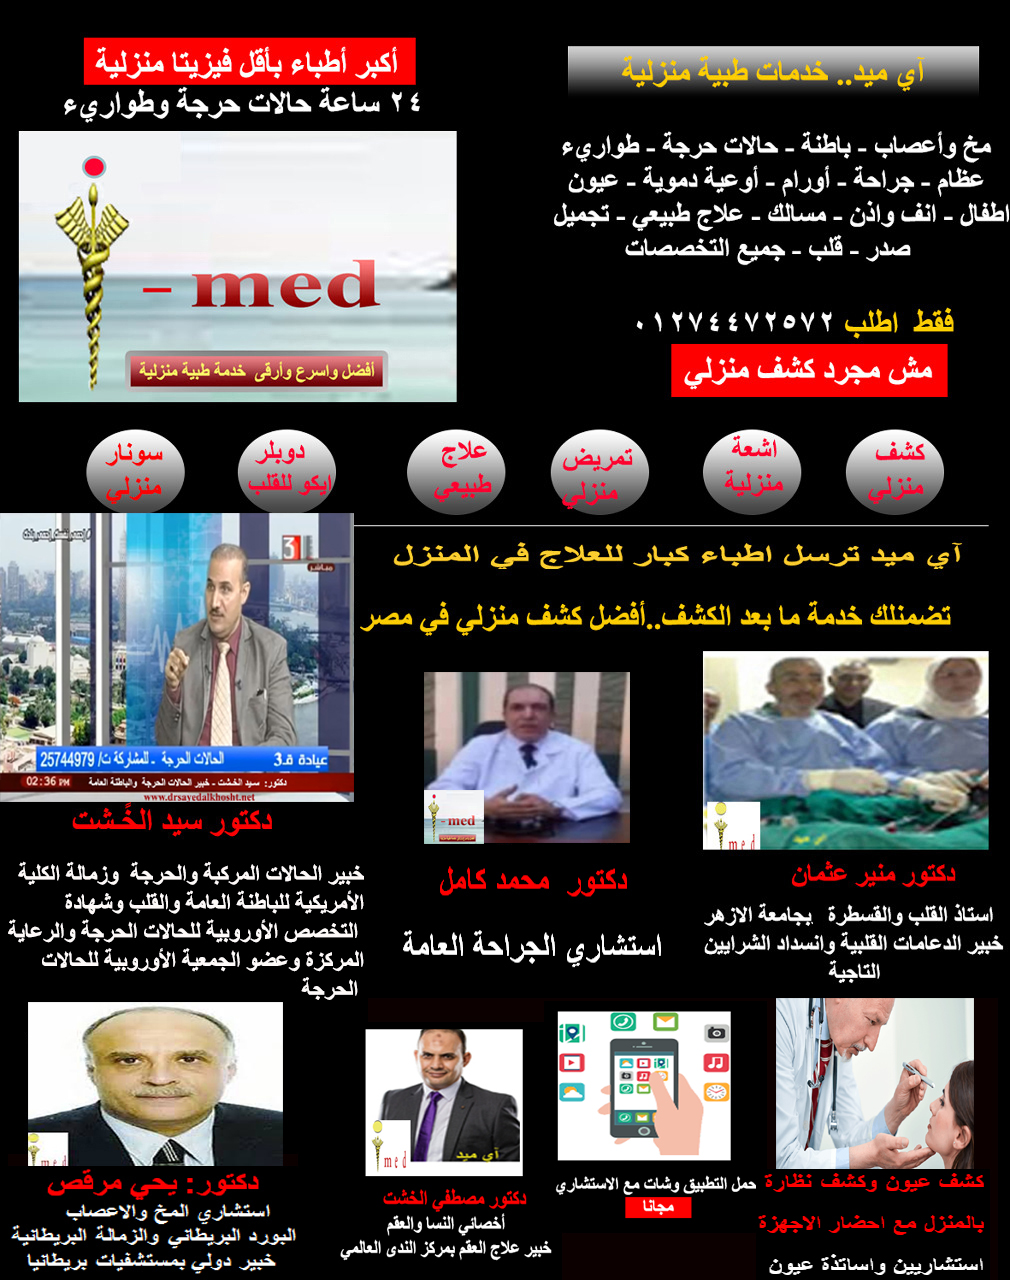 كشف منزلي دكتور زيارة منزلية القاهرة والجيزة01274472572